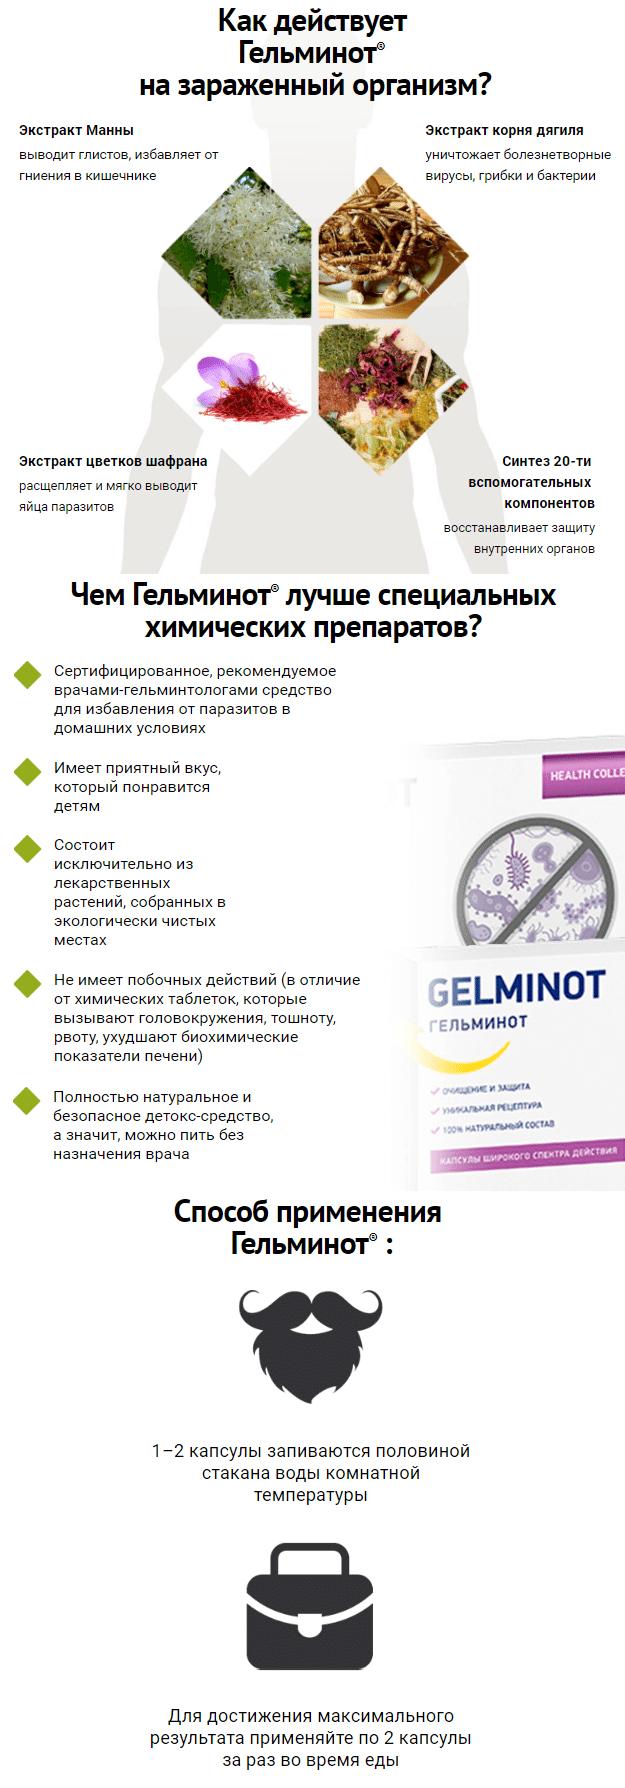 Gelminot (Гельминот) – препарат от паразитов купить